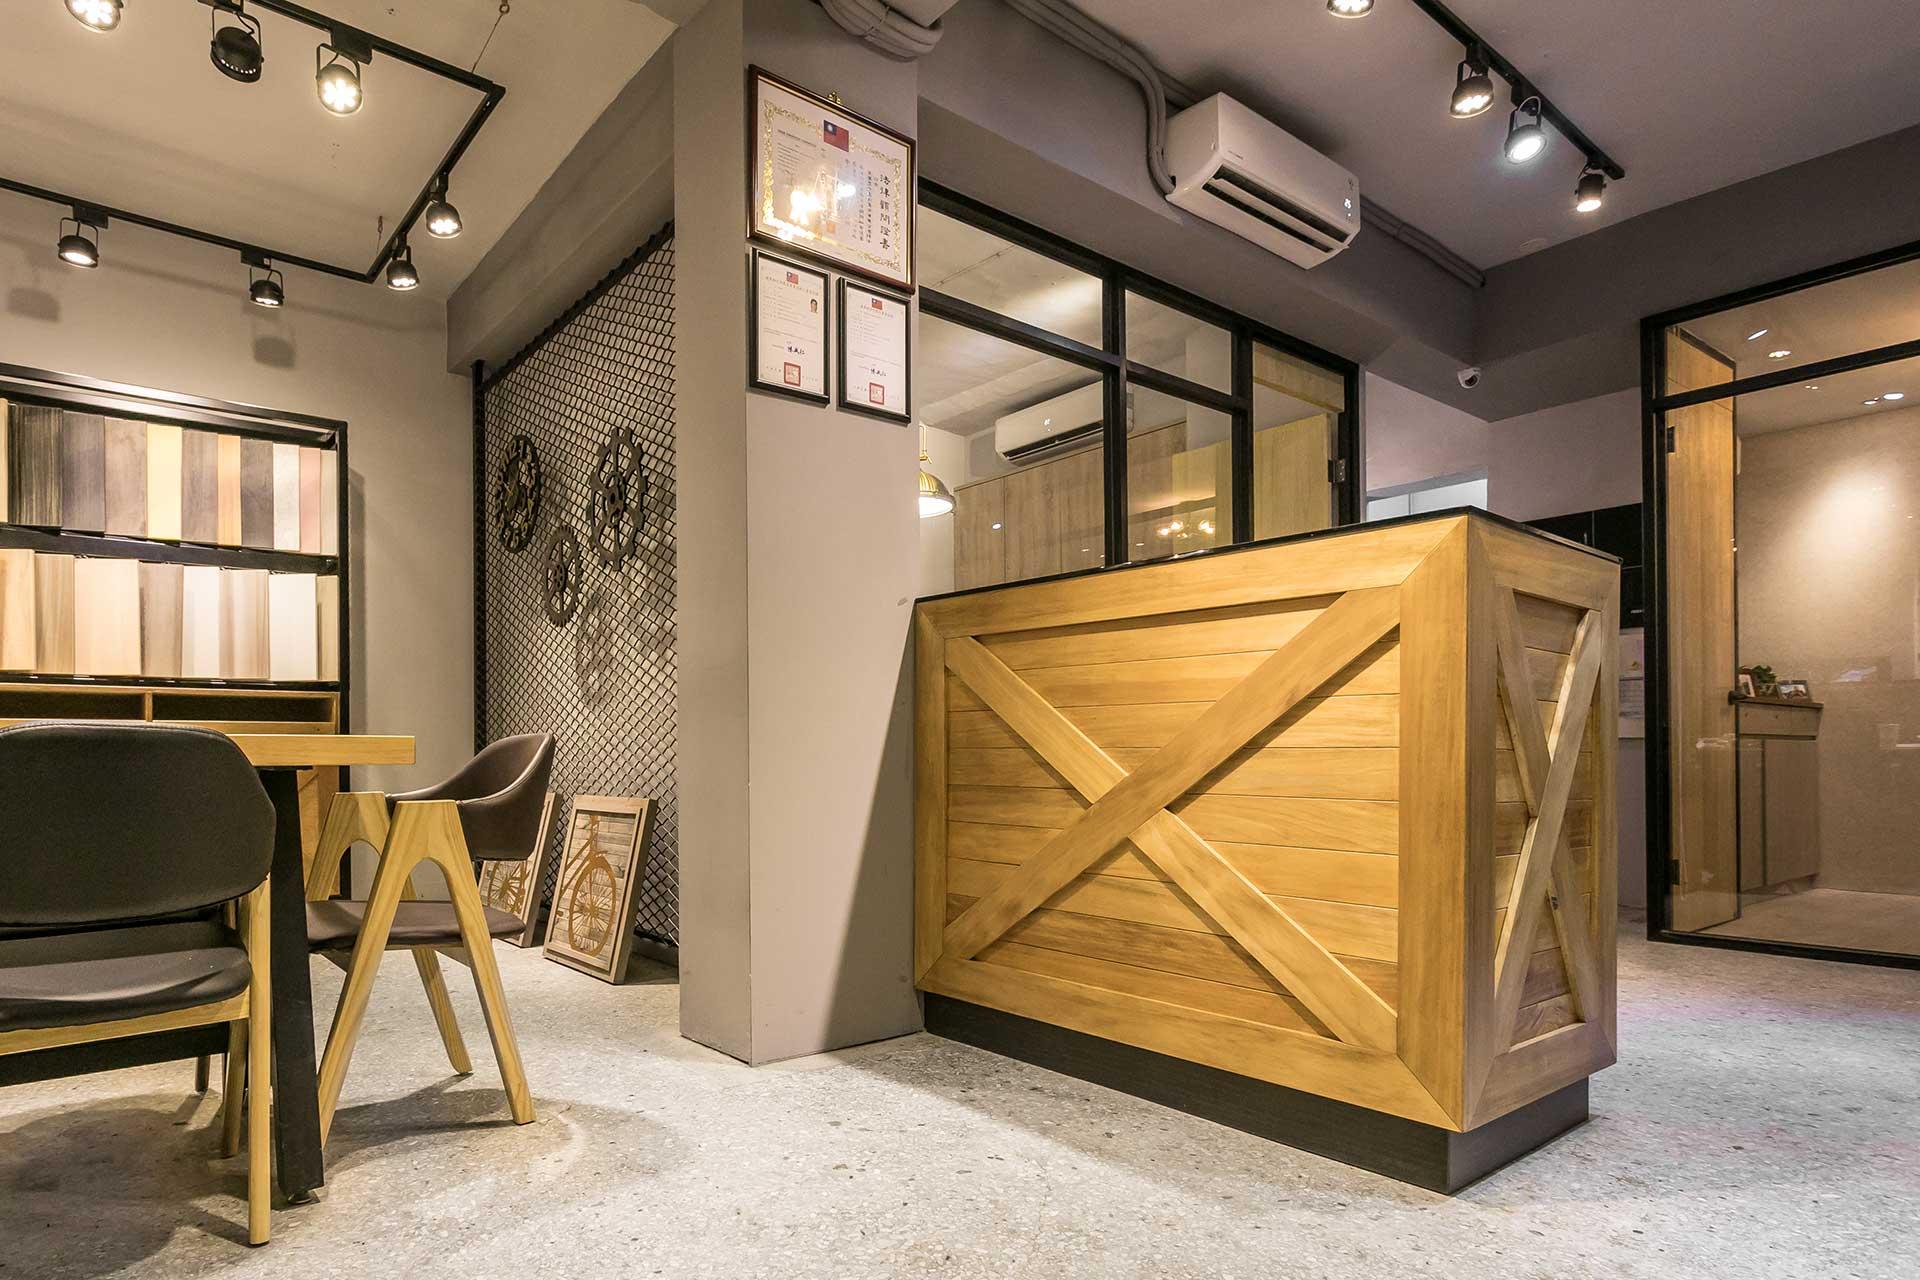 鄰近展示區域的辦公區座位,因有形象作用,因此採用榖倉門板造型設計,提昇整體風格的一致性